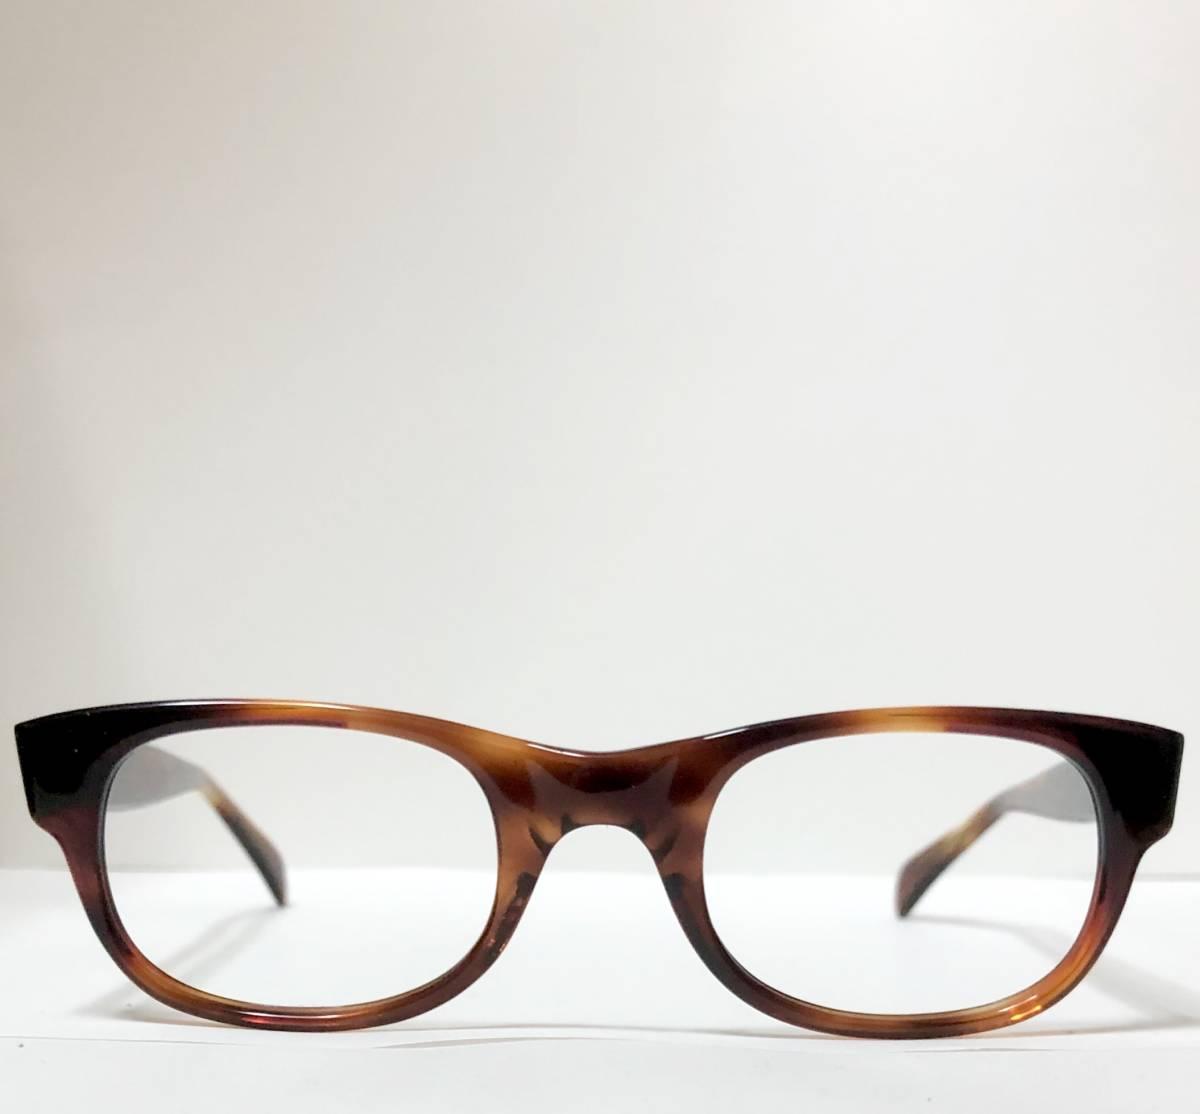 新品・1960年代頃】アメリカンオプティカル AO メガネ American Optical アンバー 米国製 ビンテージ / ヴィンテージ_画像2